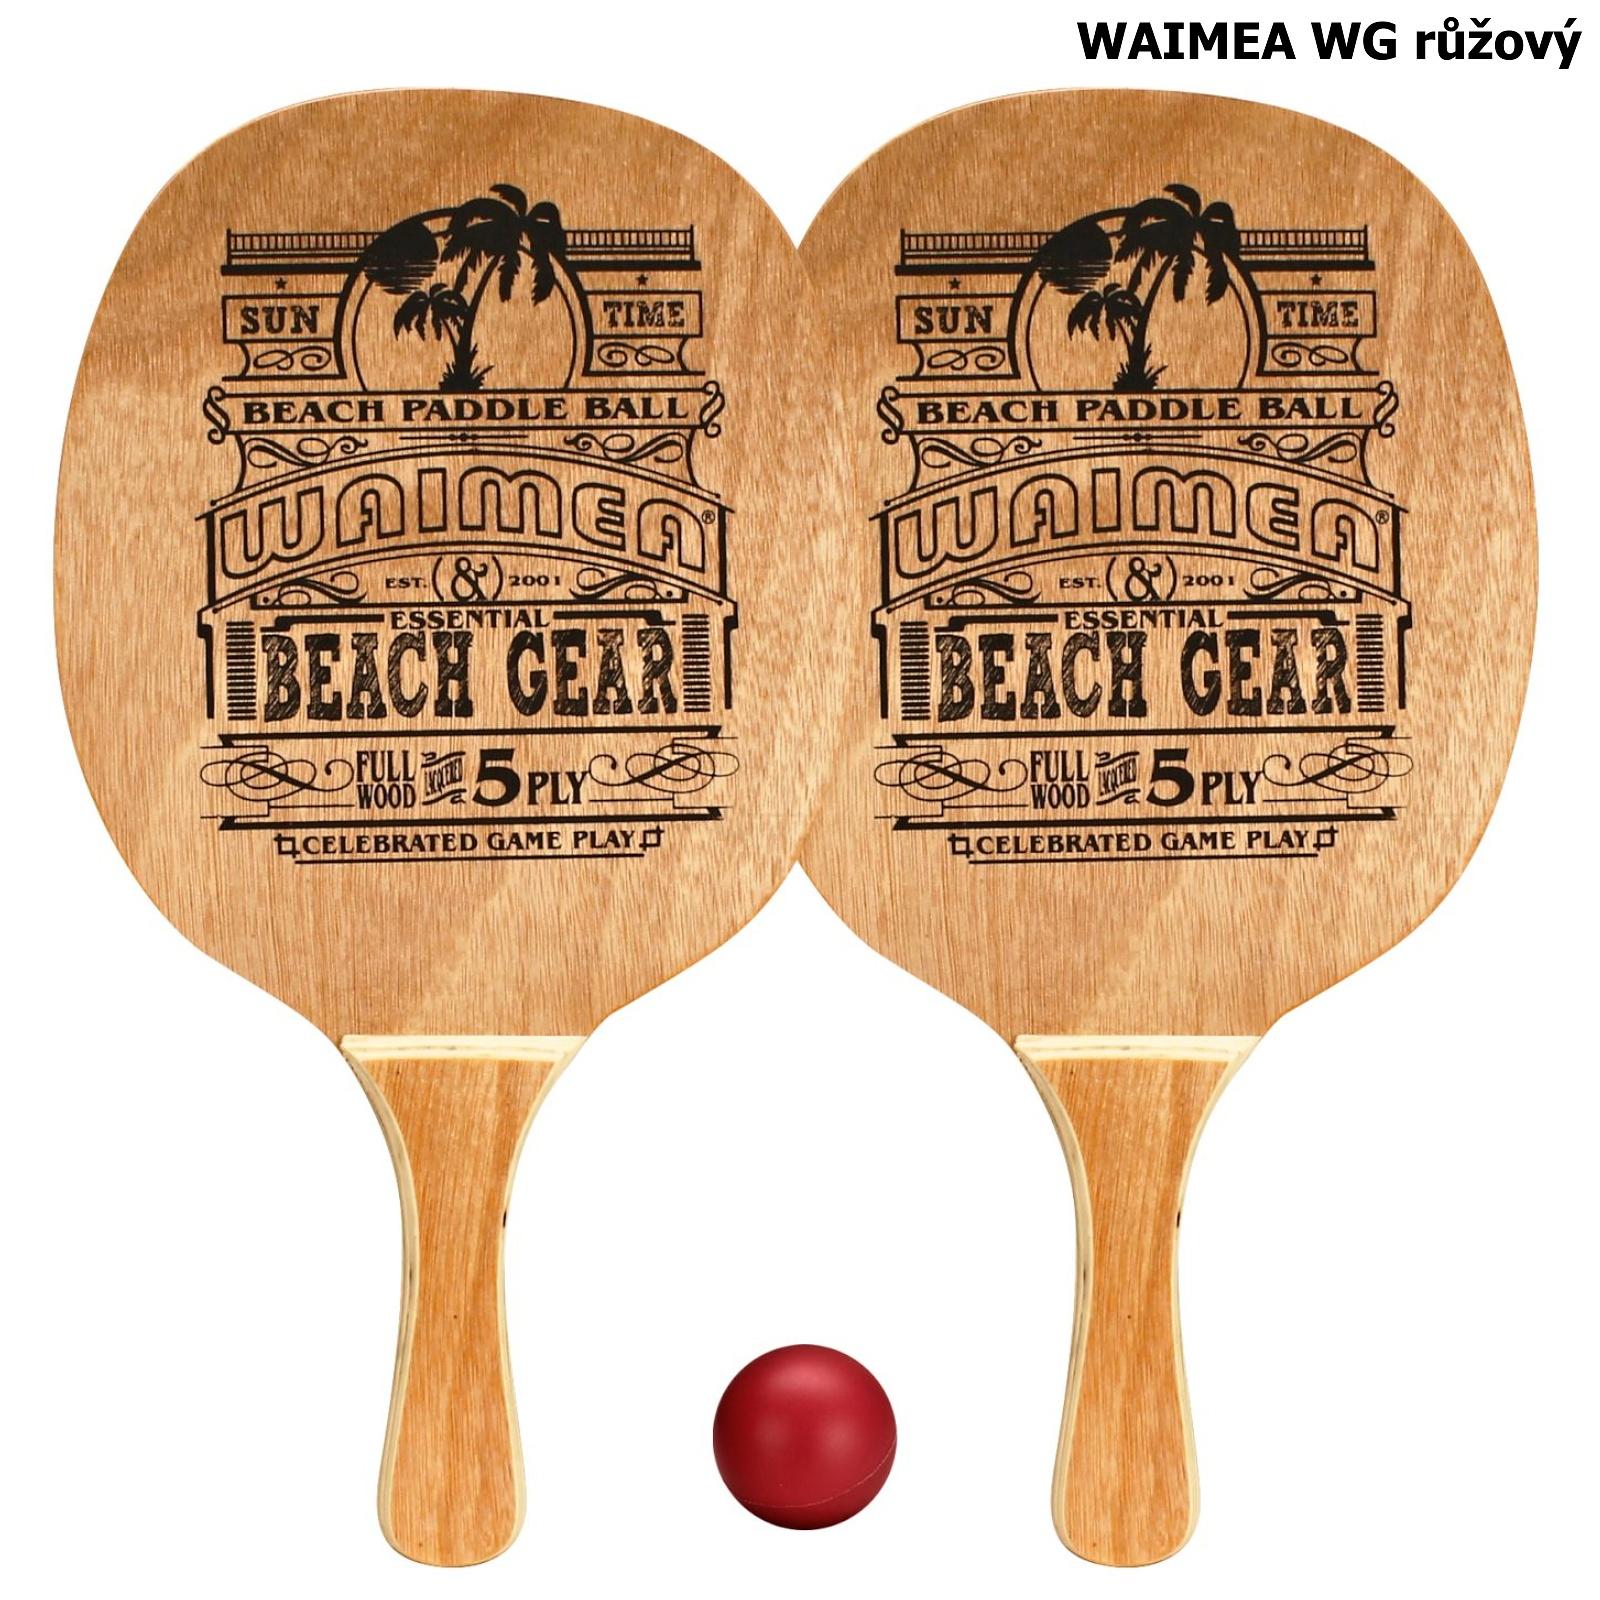 Plážový tenis WAIMEA WG - růžový